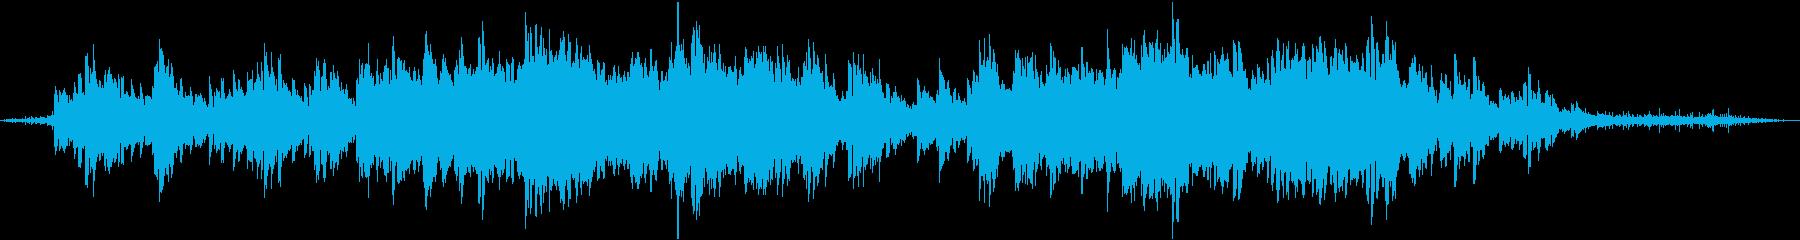 鳥の声と水の音が流れる癒し系BGMの再生済みの波形